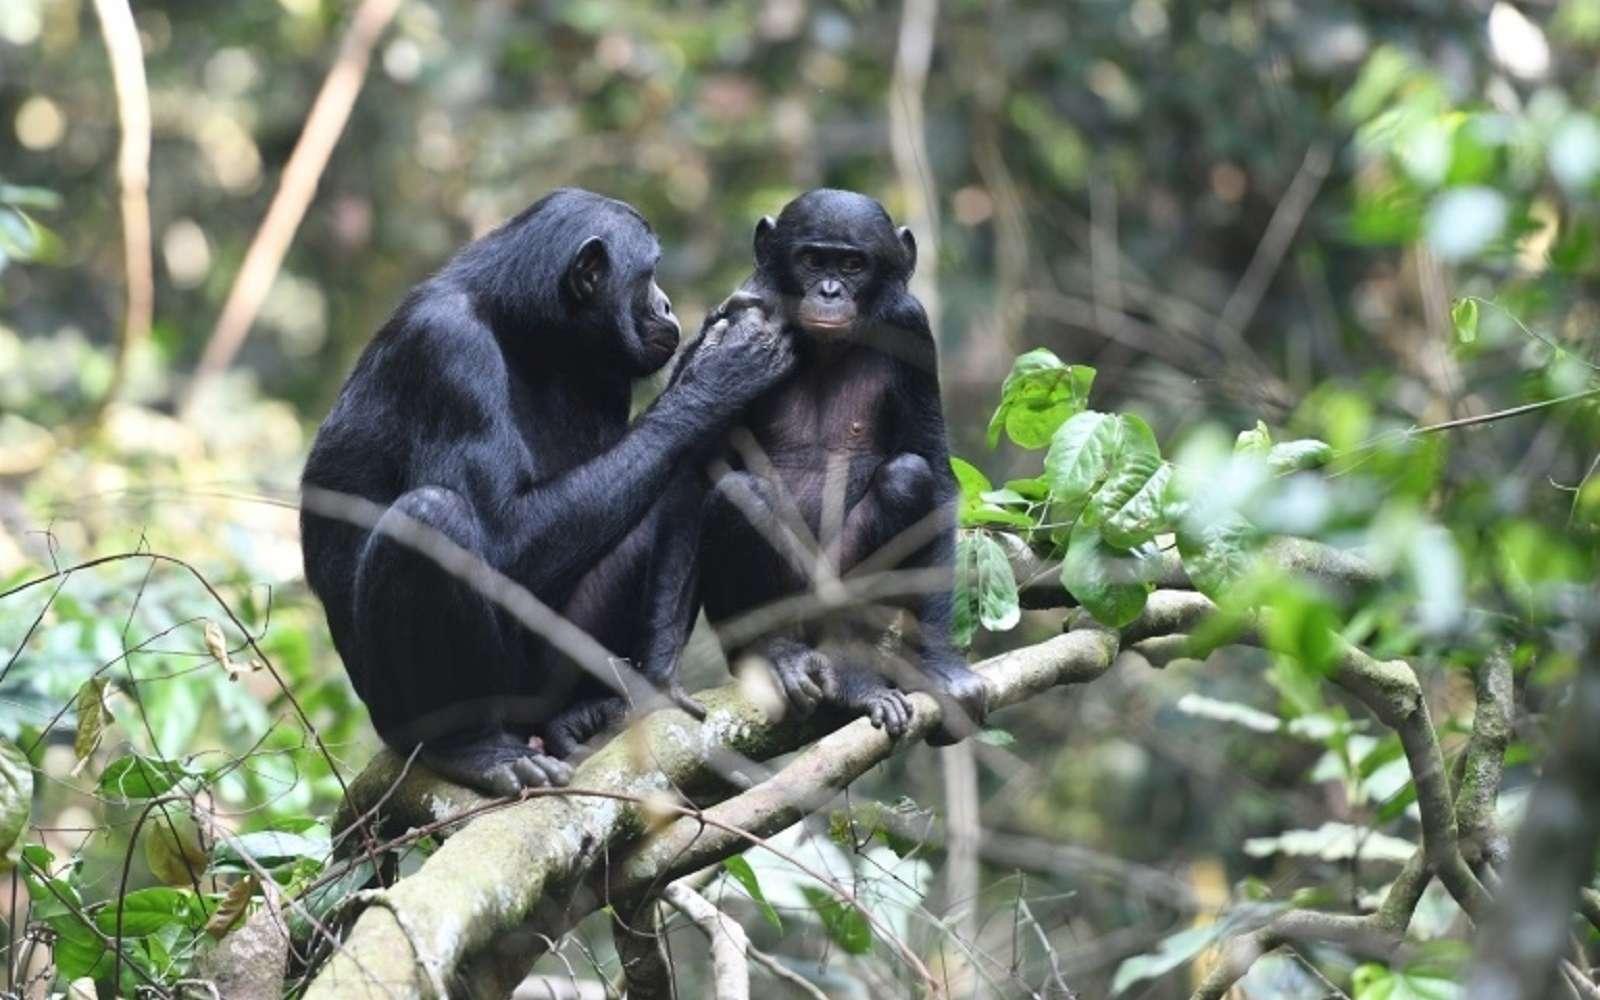 Un jeune bonobo (droite) avec sa mère, dans la réserve de Kokolopori en République démocratique du Congo, le 20 mai 2019. © Martin Surbeck/Max Planck Institute for Evolutionary Anthropology/AFP/Archives